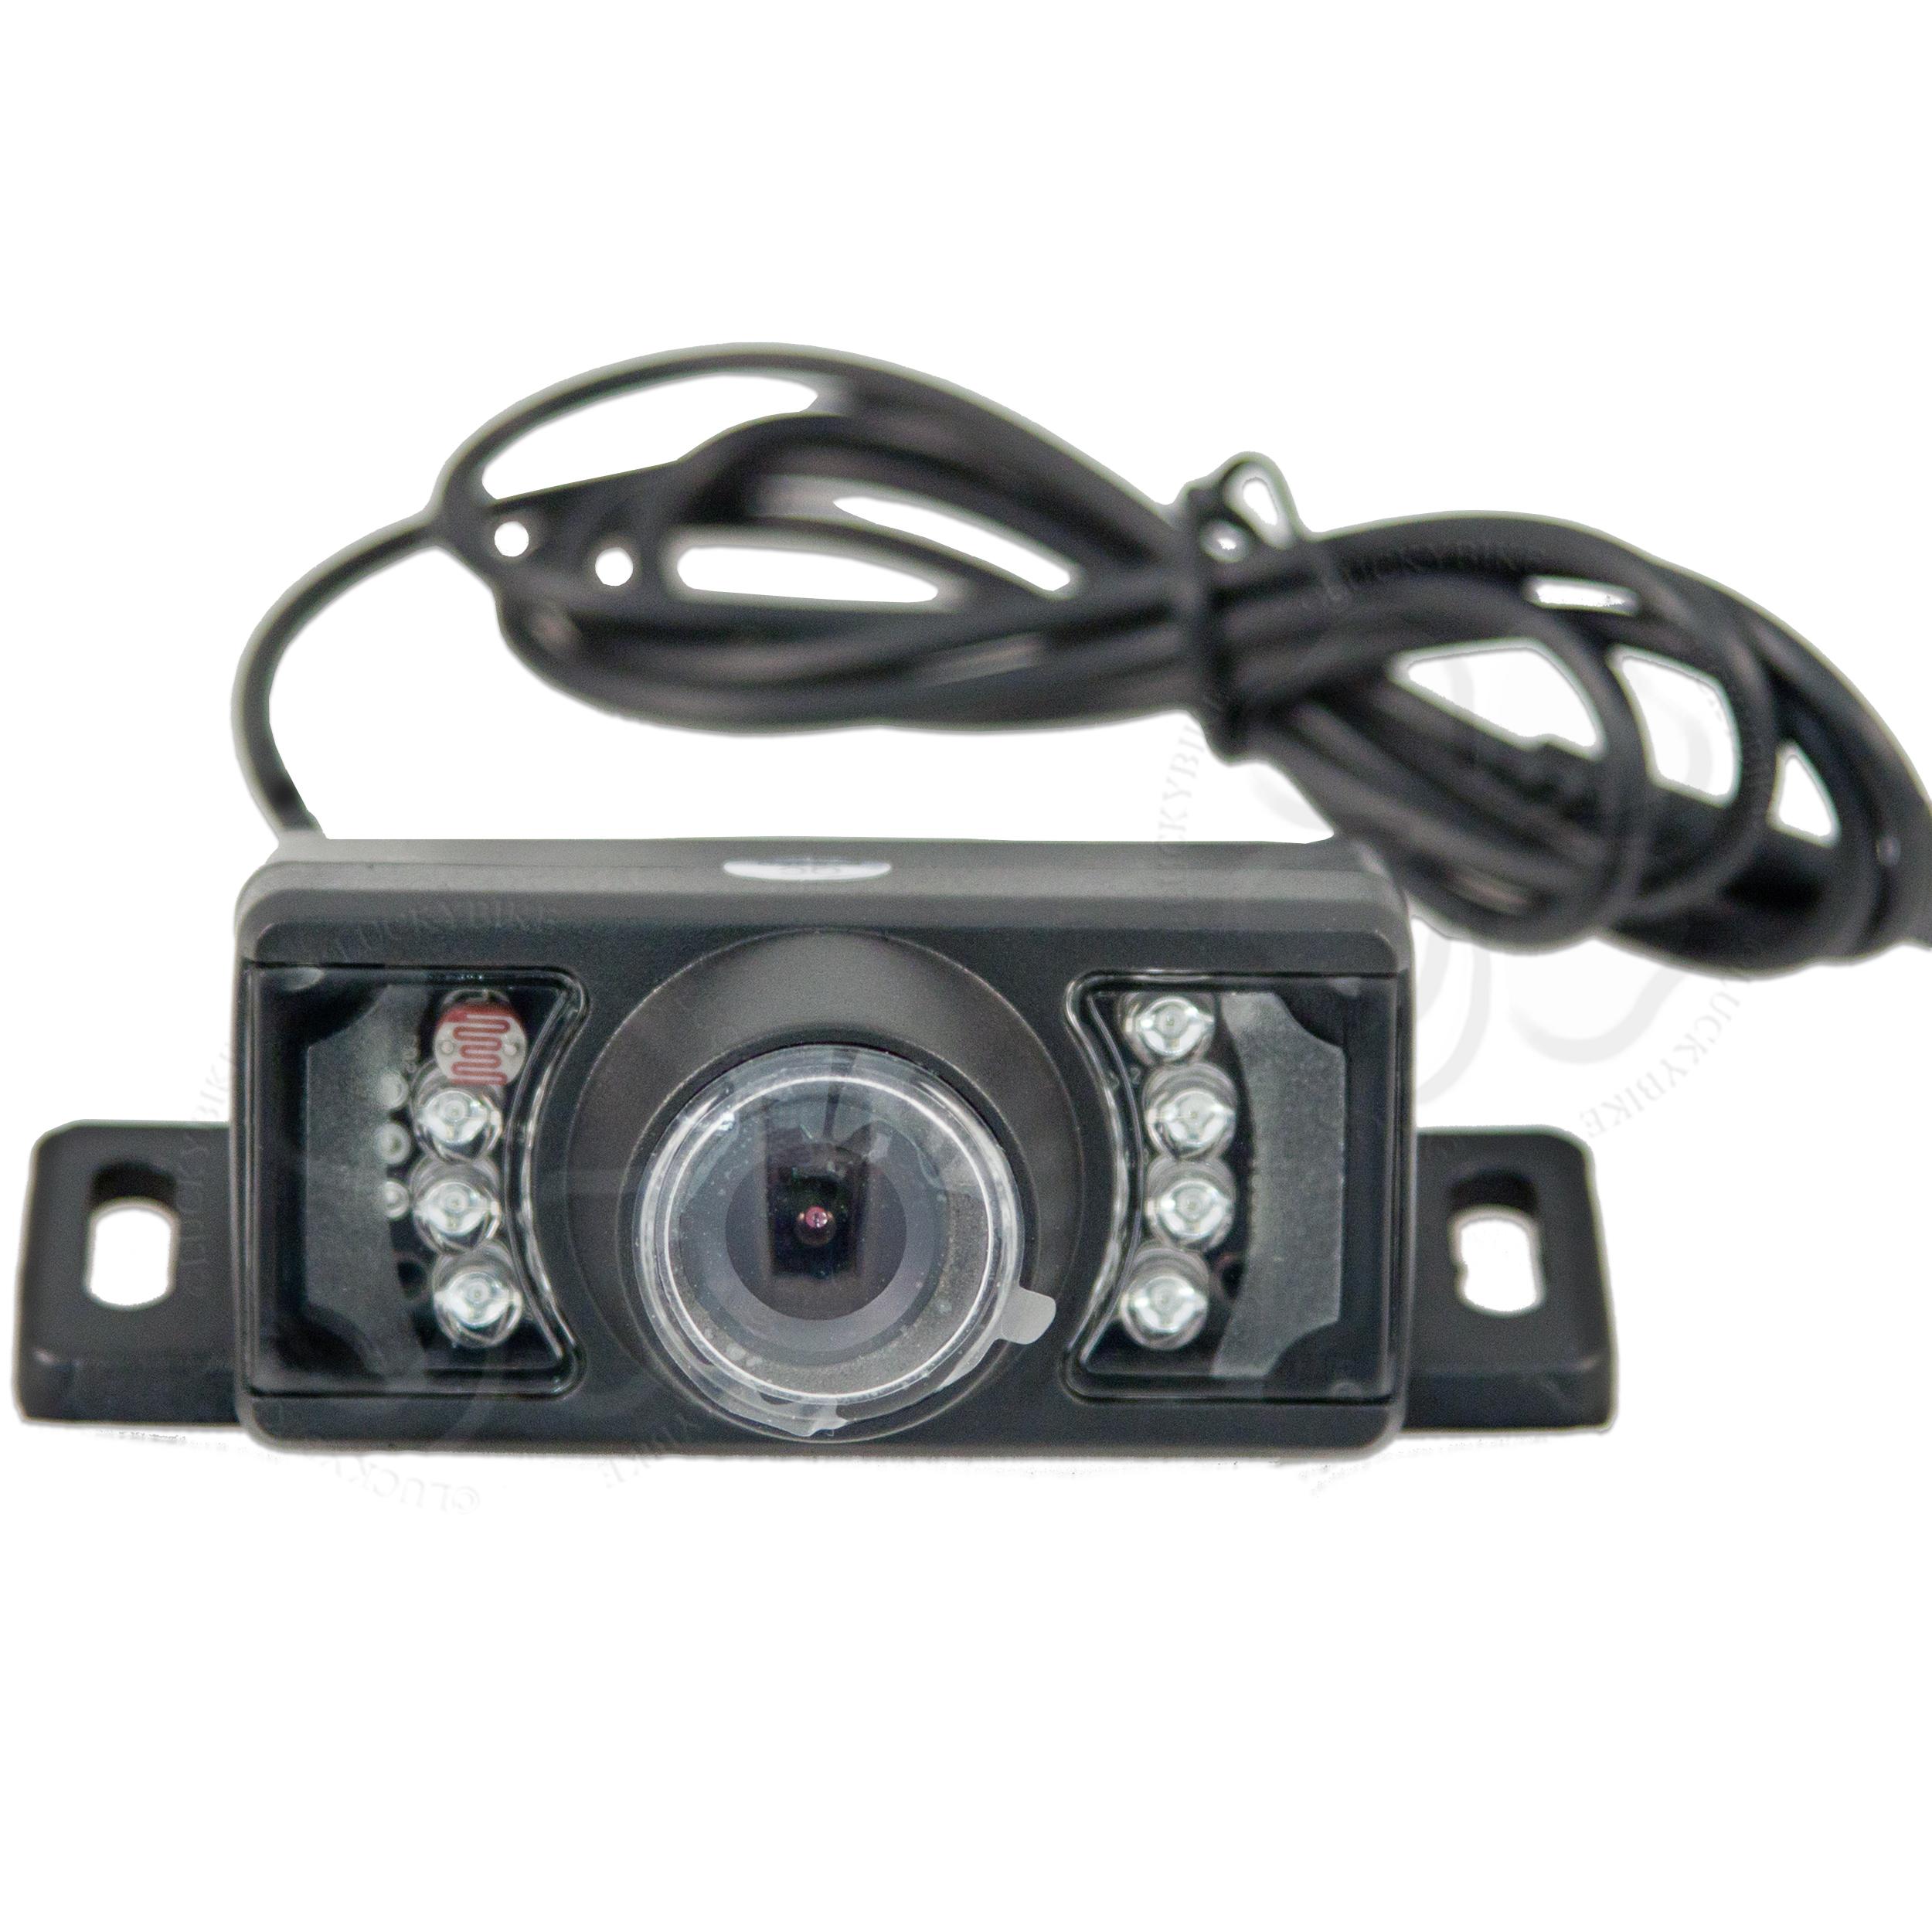 Camera System - Camera